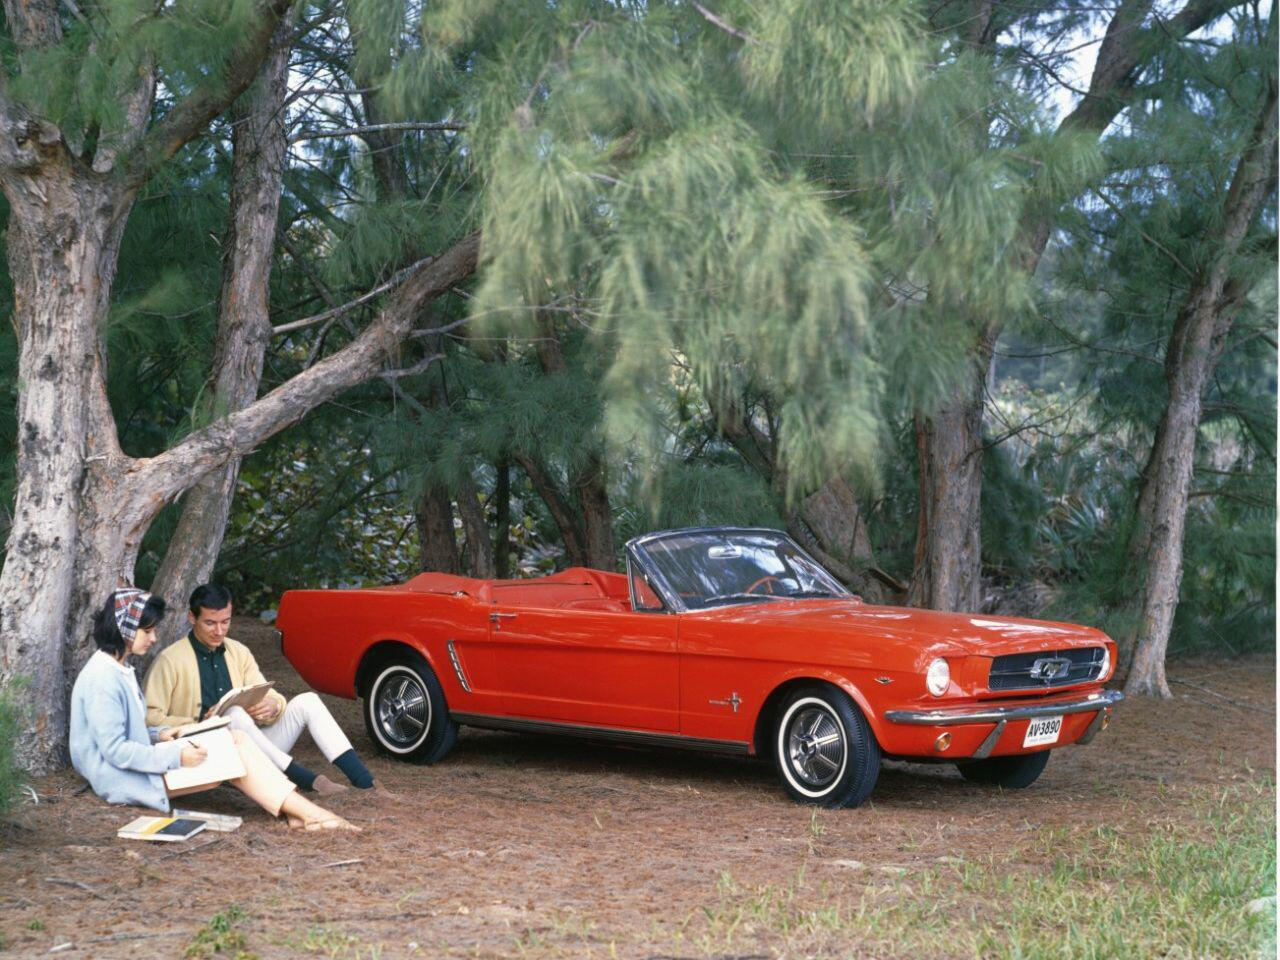 Bild zu 50-jähriges Jubiläum: Das amerikanische Pony Car Ford Mustang